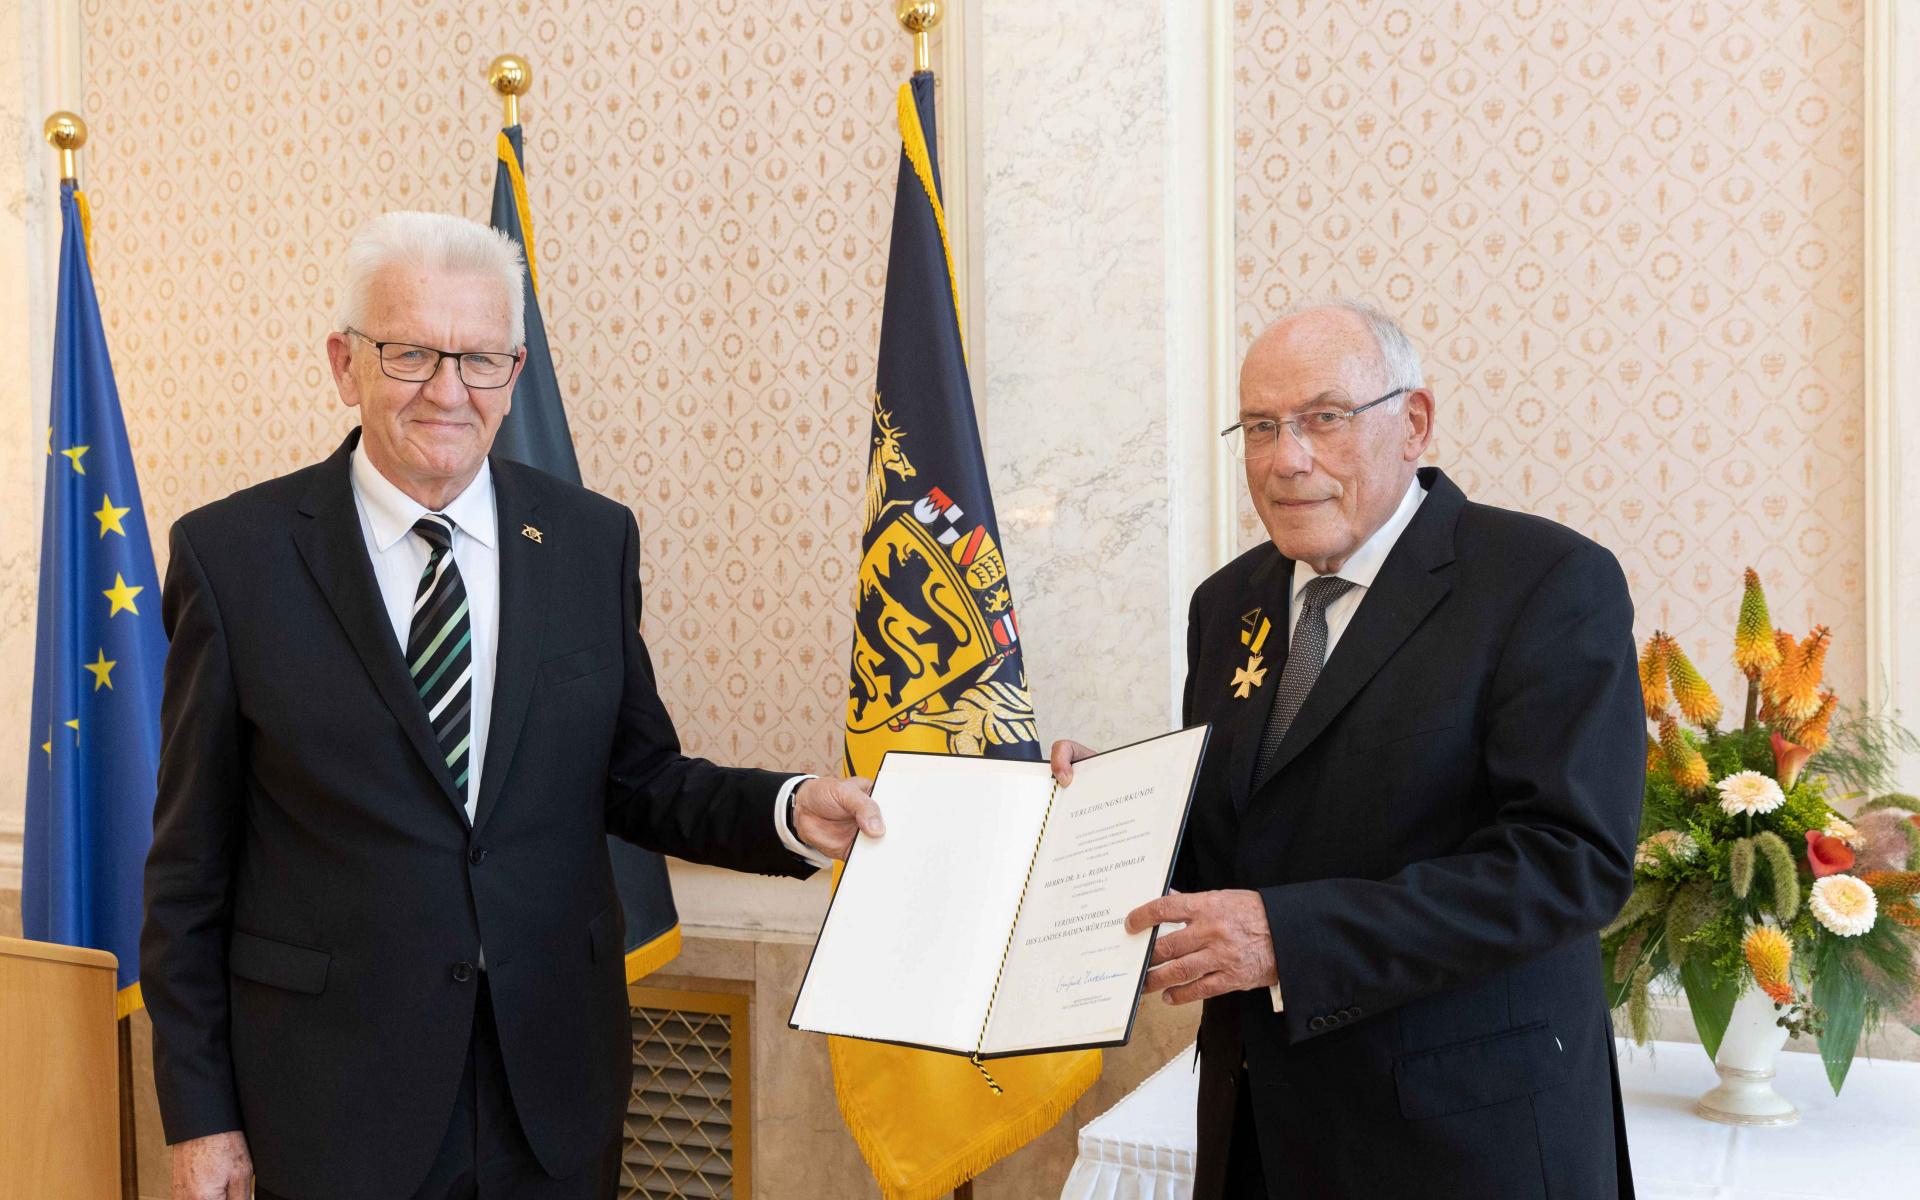 Winfried Kretschmann würdigt Dr. h.c. Rudolf Böhmler für sein Zeit, Arbeitskraft, Ideen und Initiativen, die er dem Land Baden-Württemberg geschenkt hat. (Quelle: Staatsministerium Baden-Württemberg)